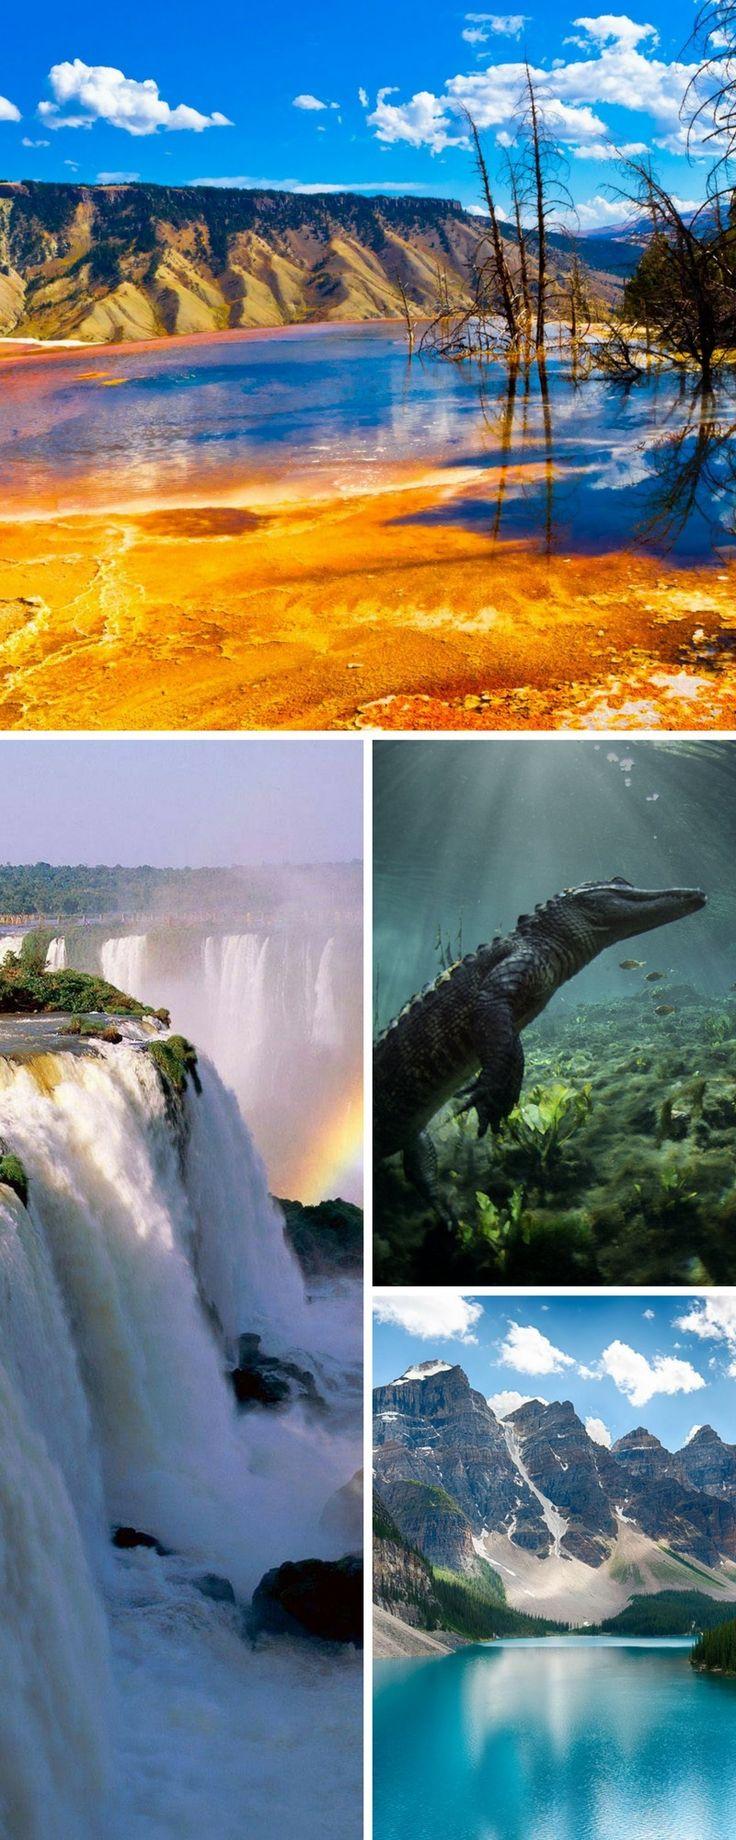 Les 18 parcs nationaux les plus beaux du monde